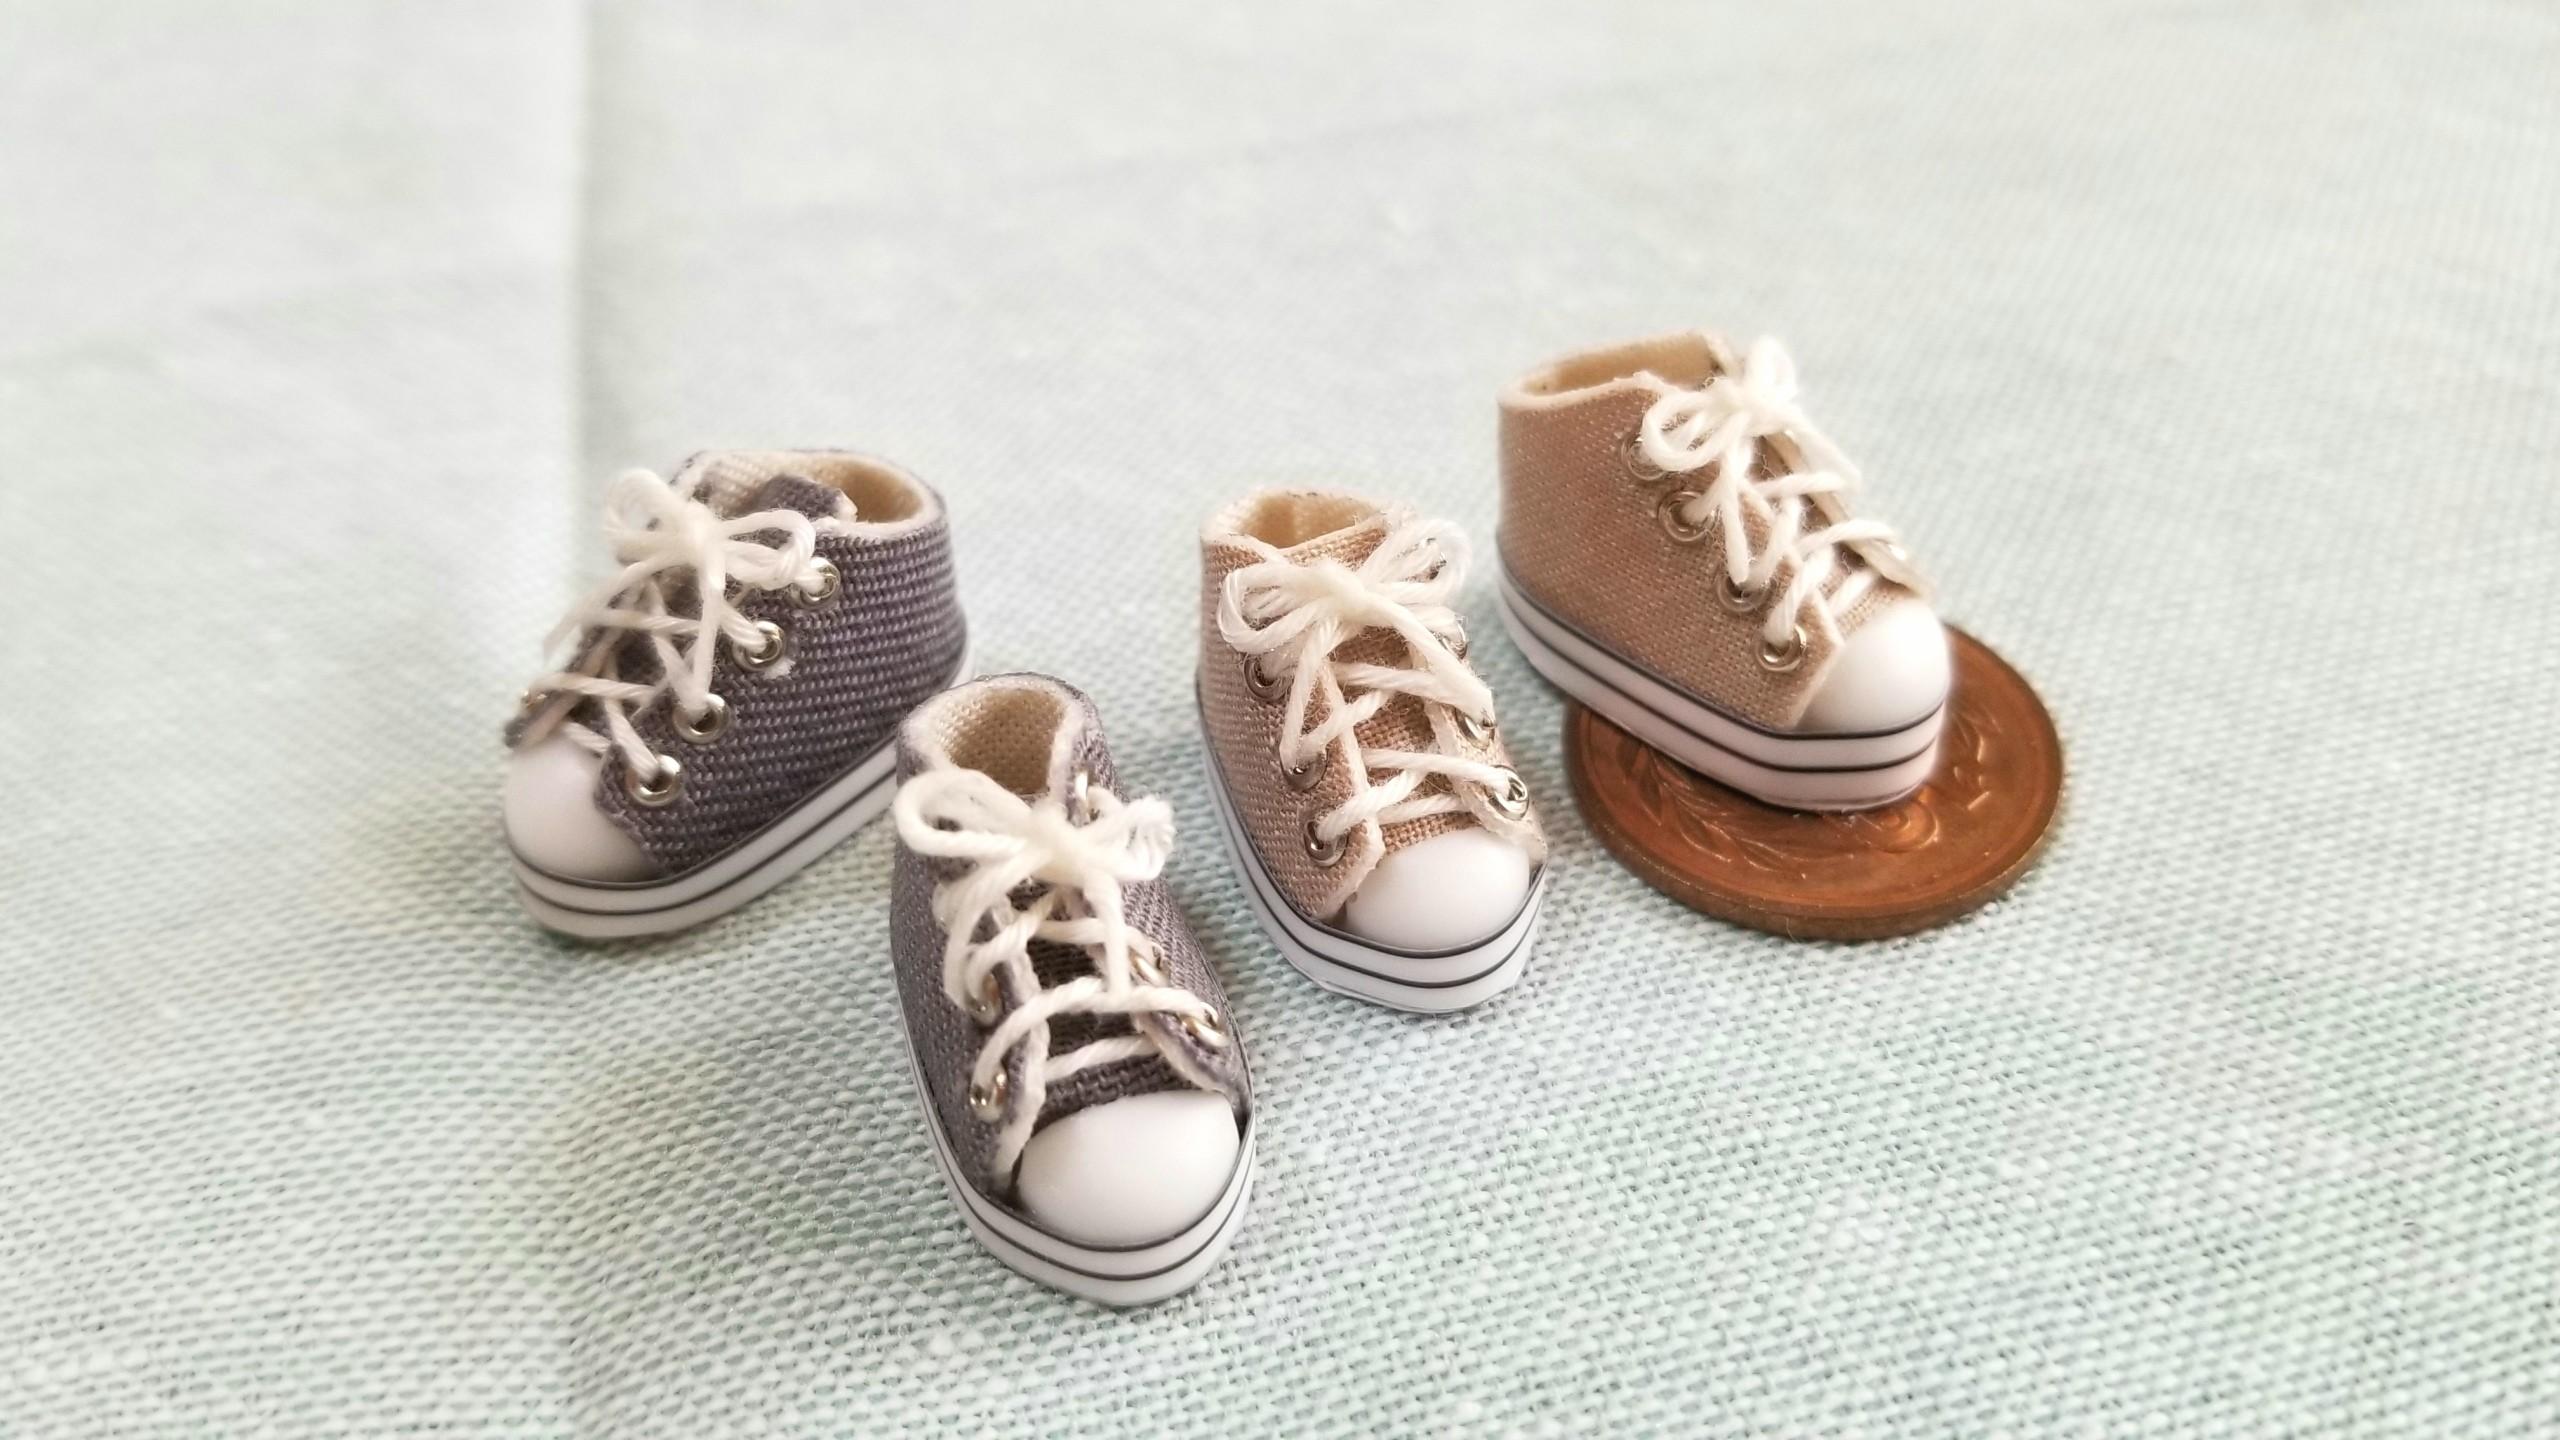 ミニチュア靴,スニーカー,オビツろいど,ドール用品,ハンドメイド